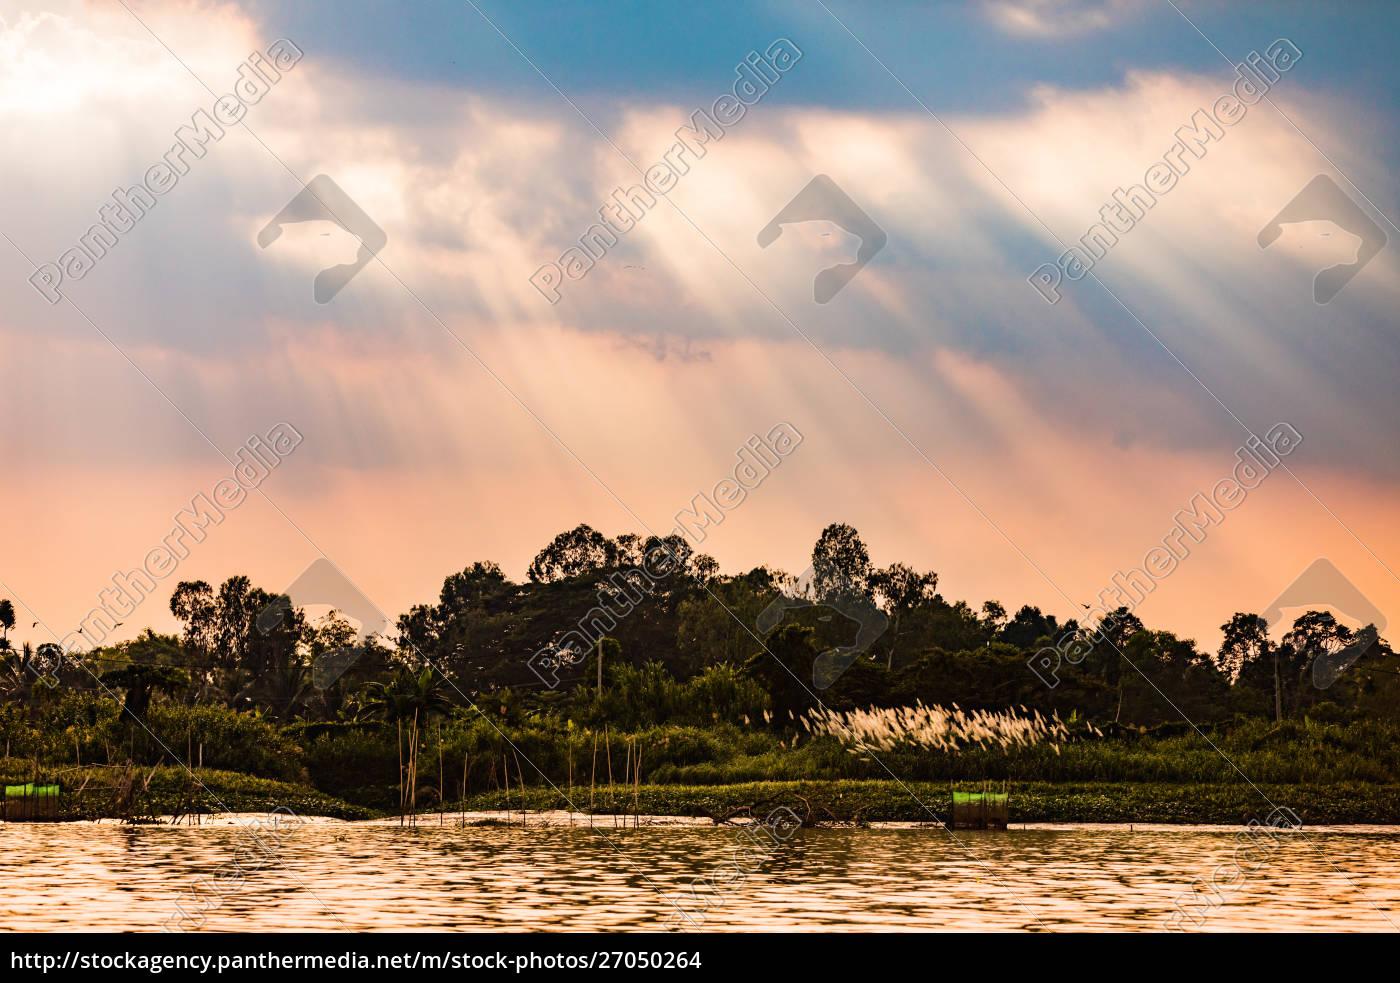 dorfleben, im, mekong-delta, vietnam, indochina, südostasien, asien - 27050264